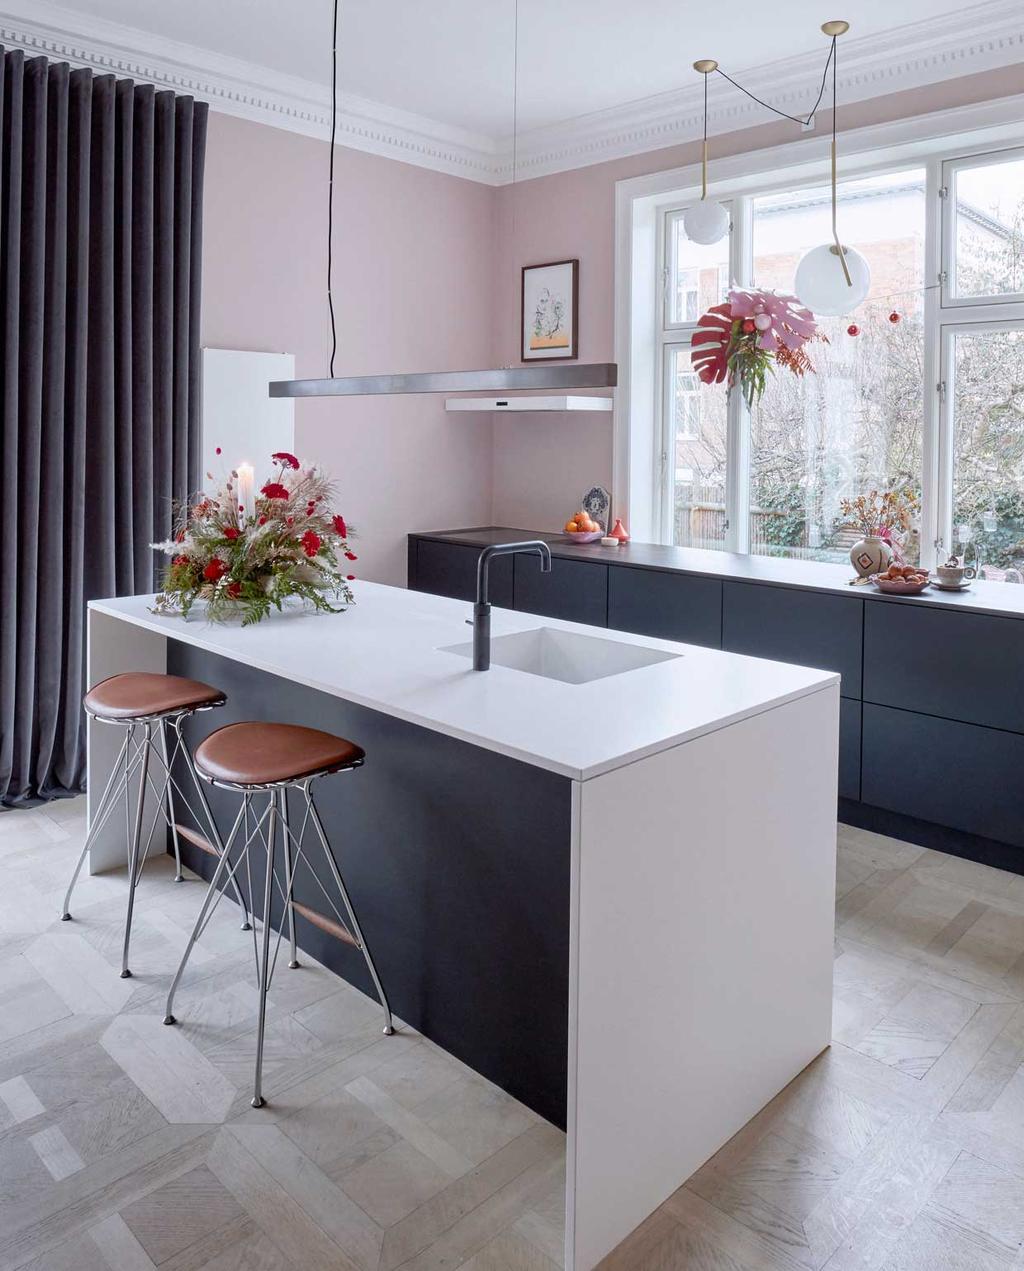 vtwonen 12-2020 BK special | binnenkijken in een kersthuis met zwart witte keuken